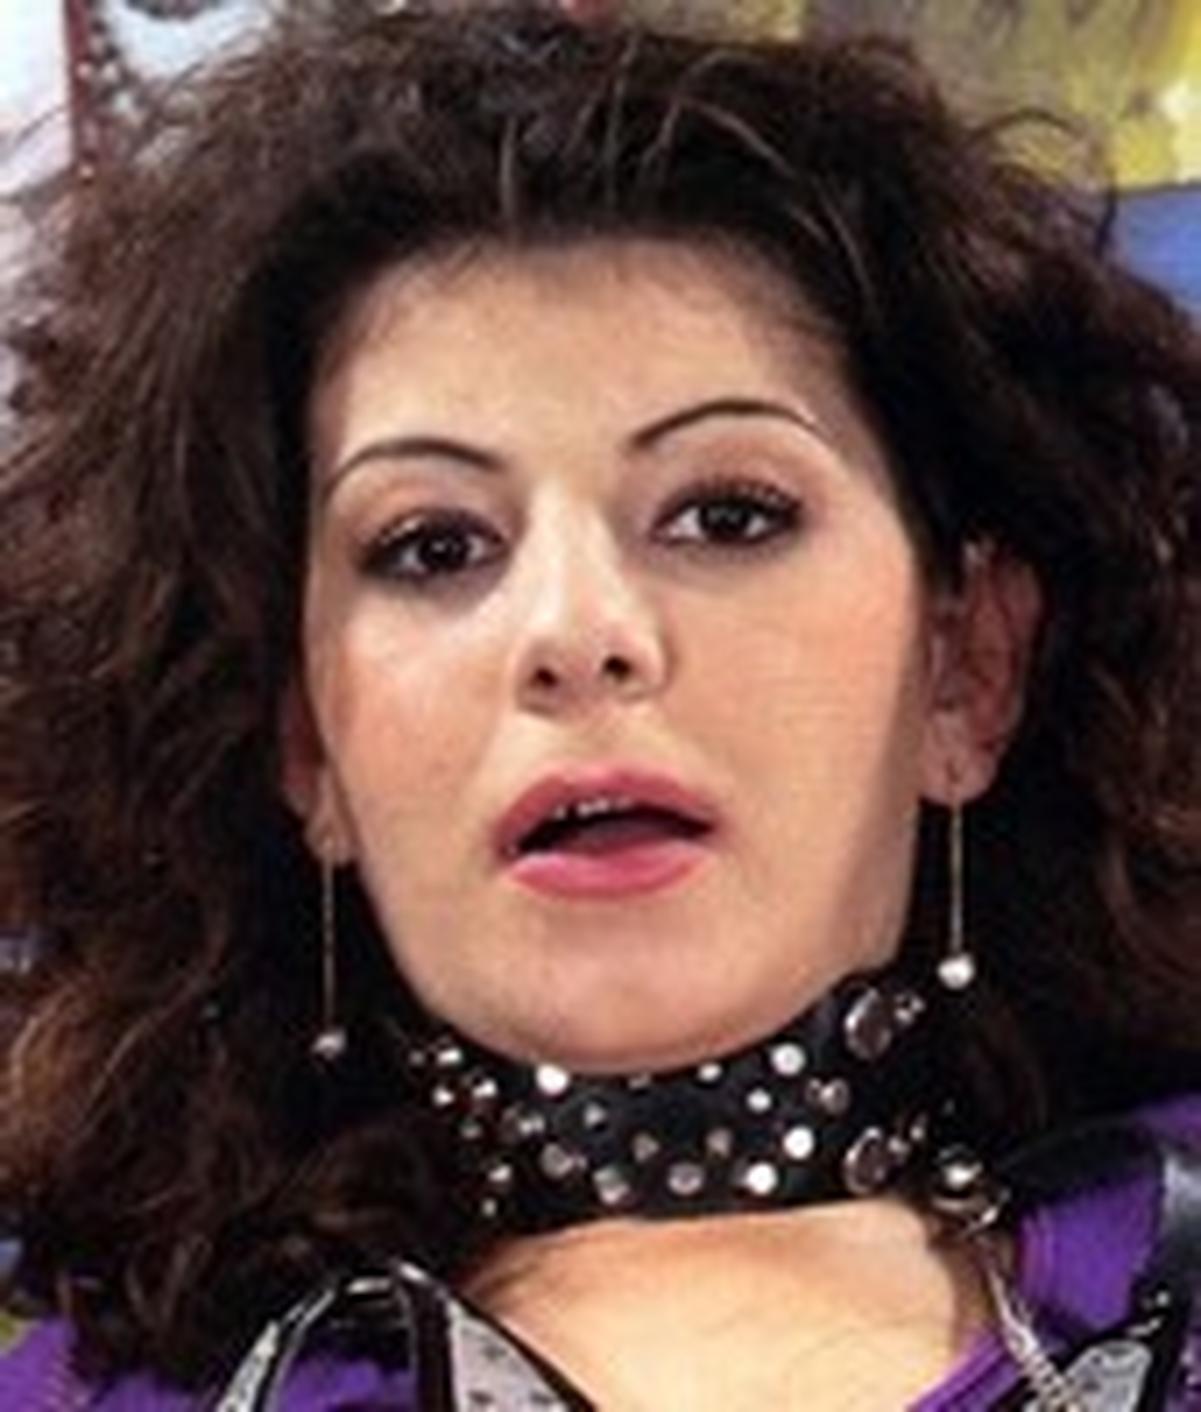 Megane Obscenic wiki, Megane Obscenic bio, Megane Obscenic news